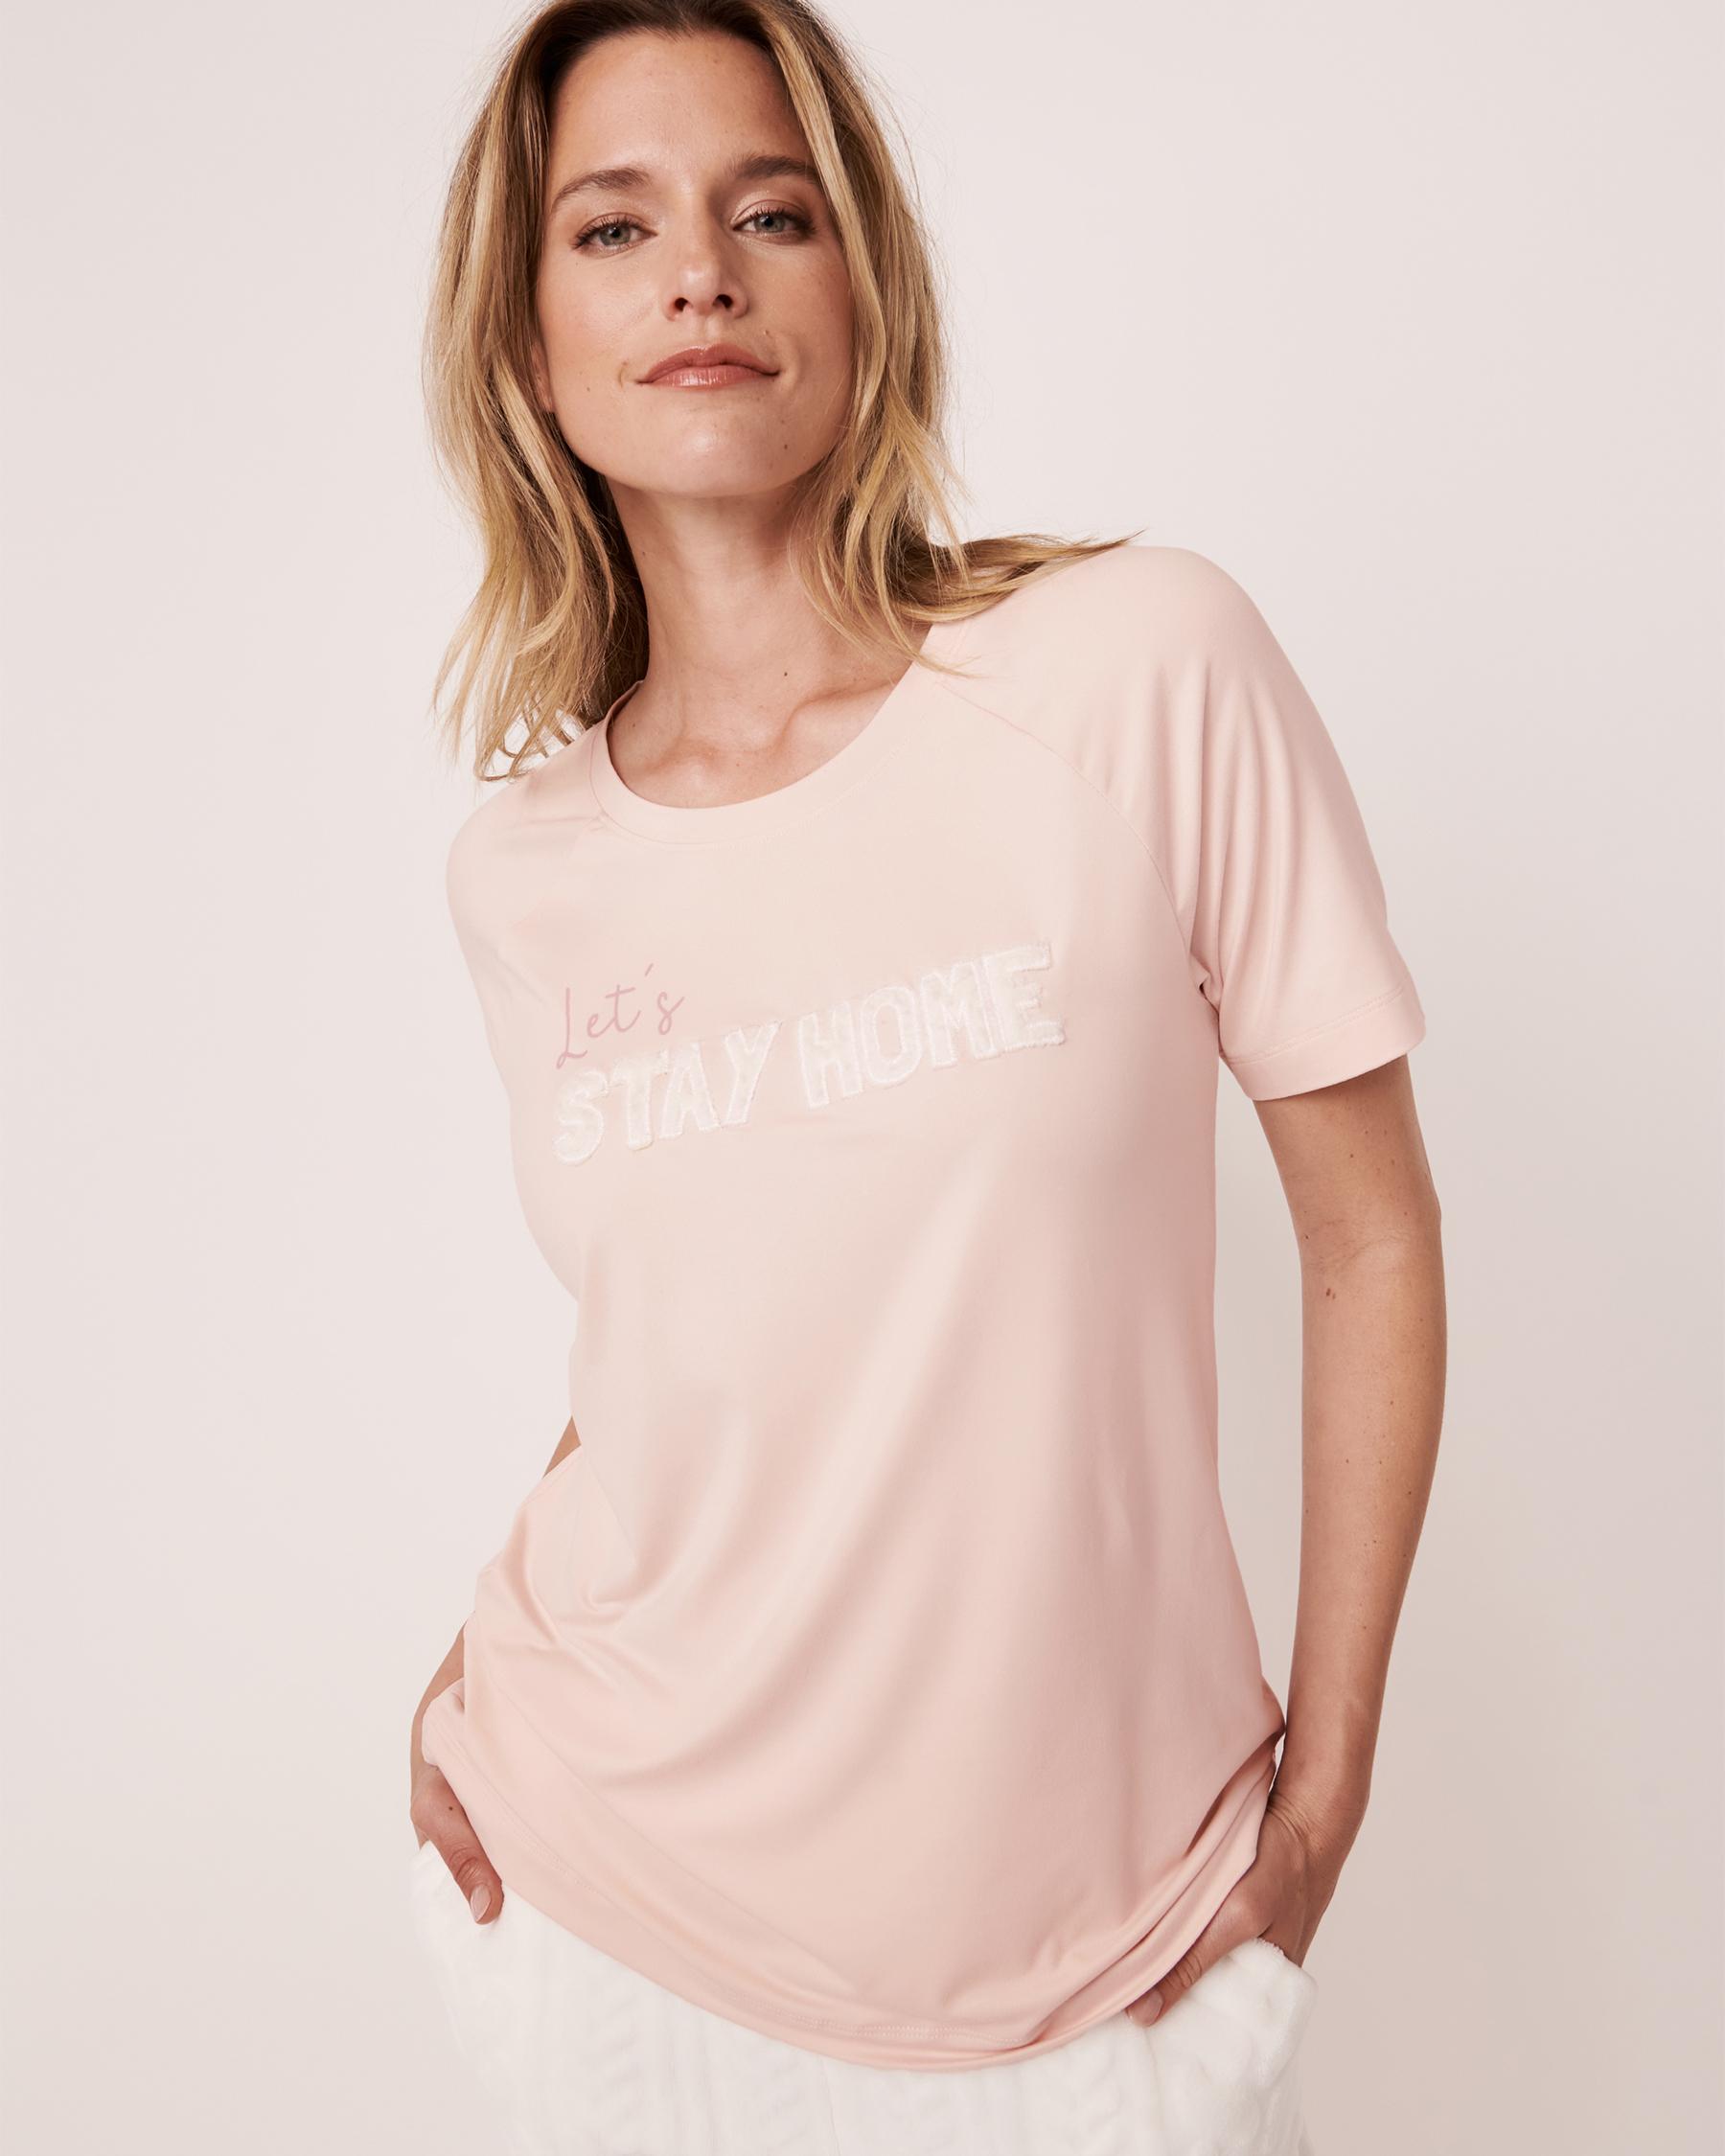 LA VIE EN ROSE Plush Print T-shirt Light pink 40100140 - View1